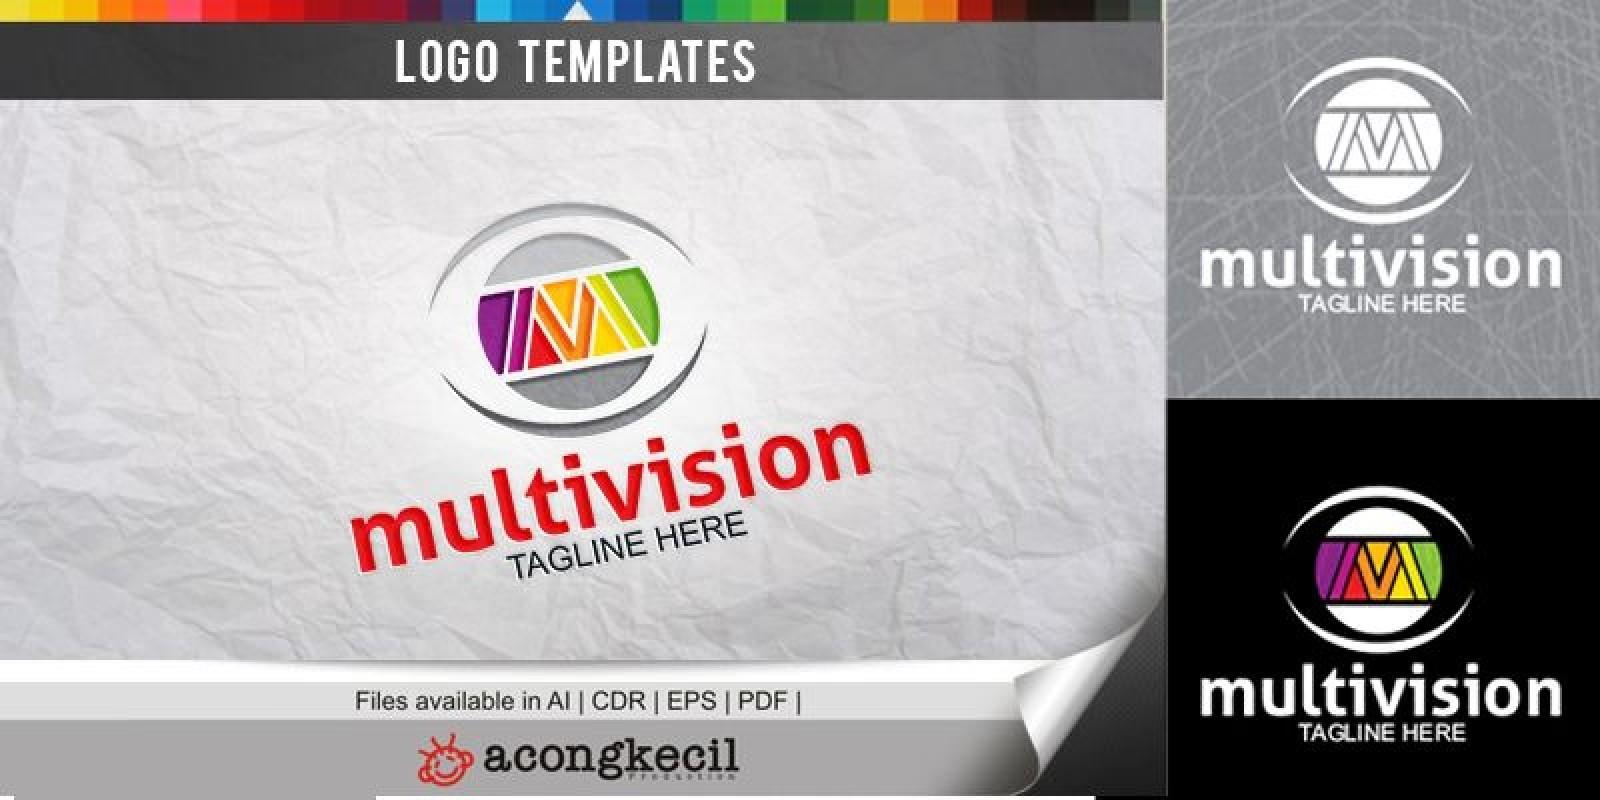 MultiVision V2 - Logo Template